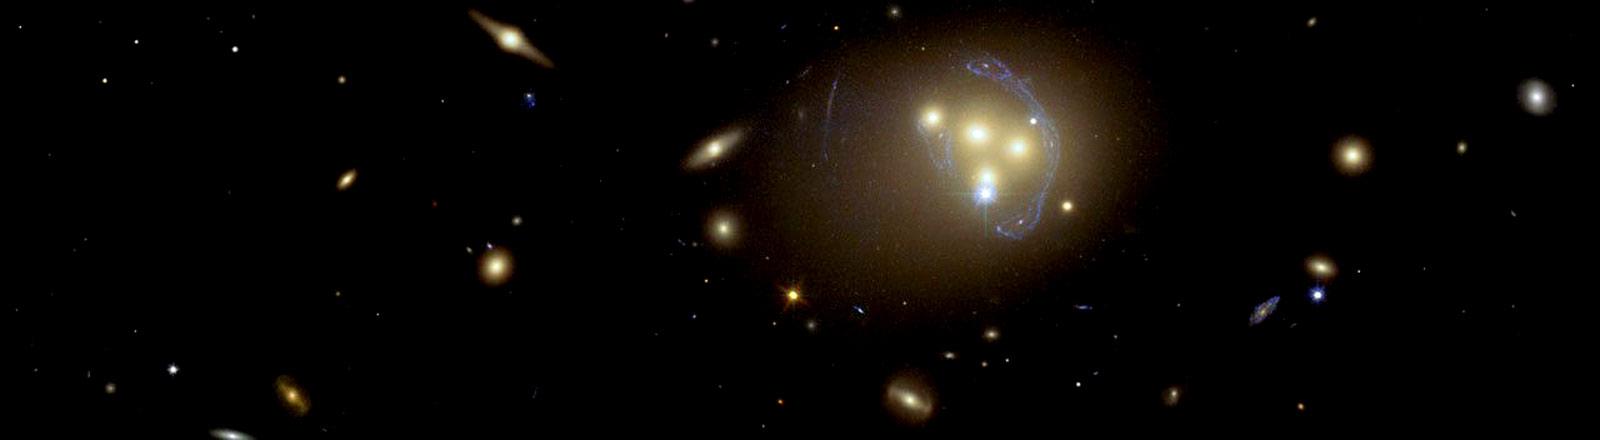 Ein Blick in den Sternenhimmel.